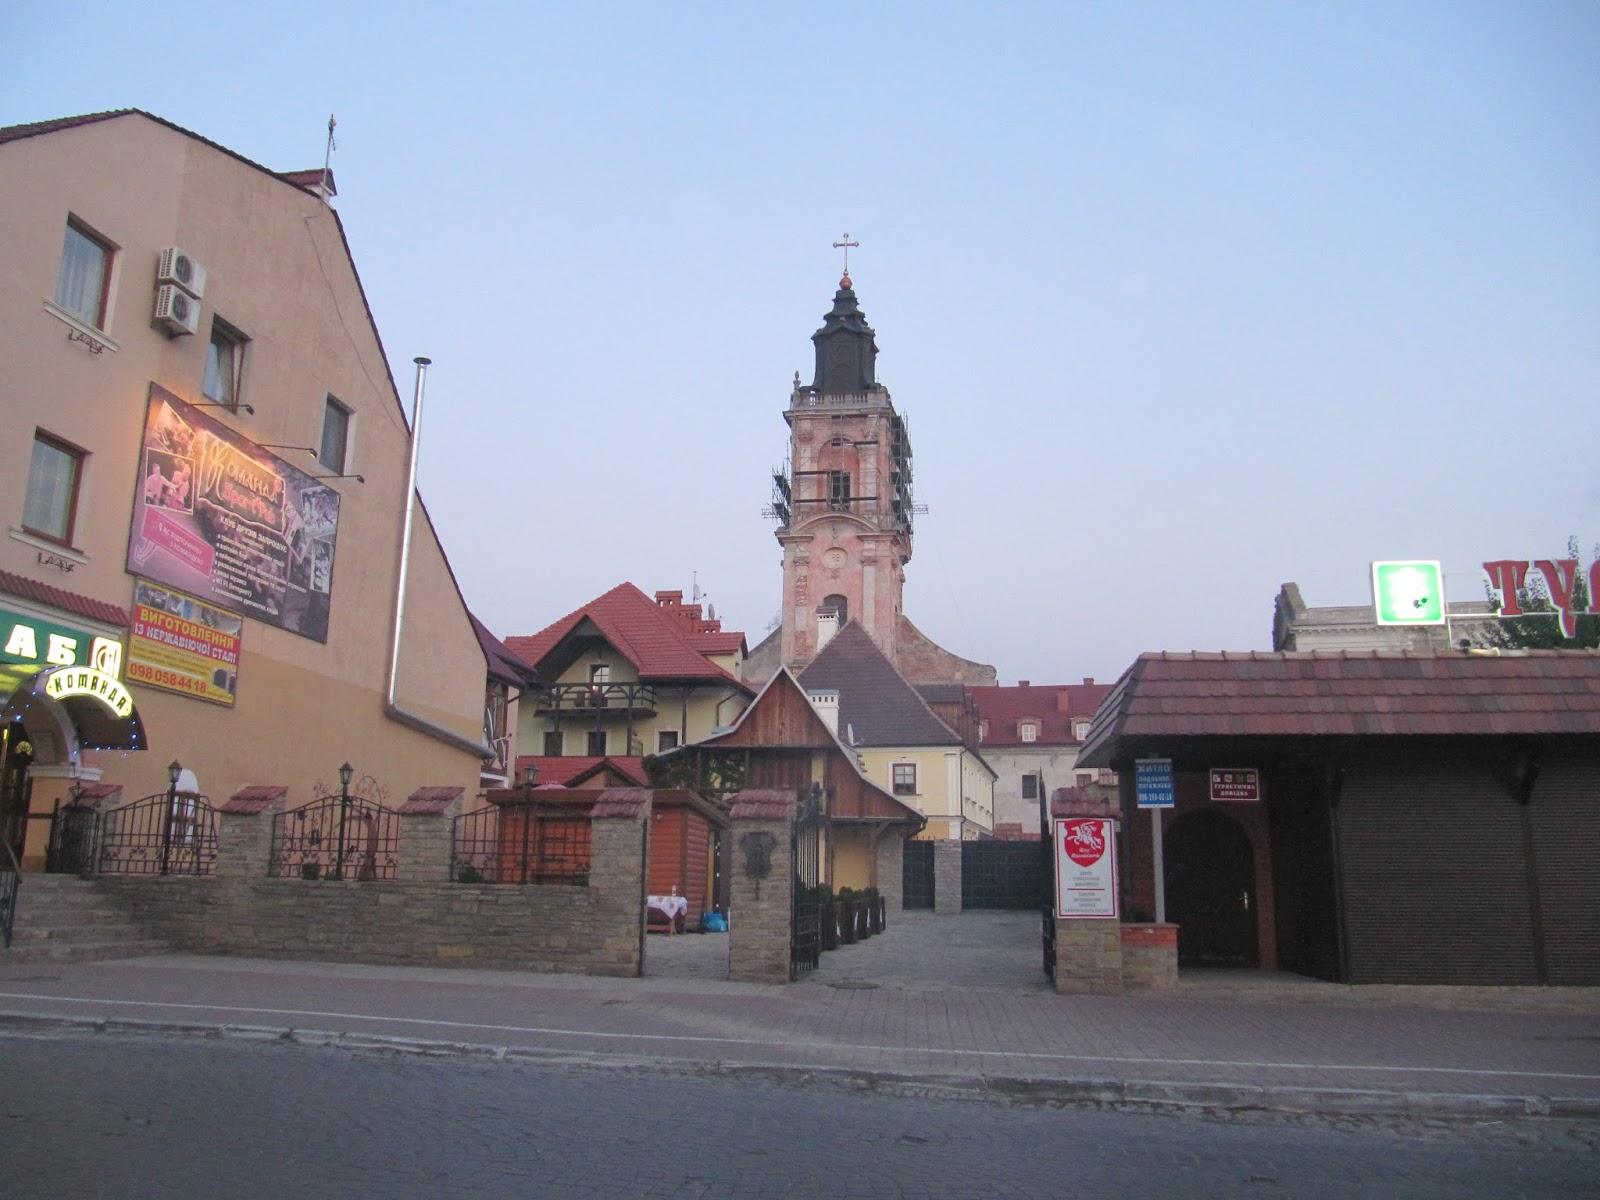 Puteshestvie-po-krepostyam-Podolya-Kamenec-Podolskiy